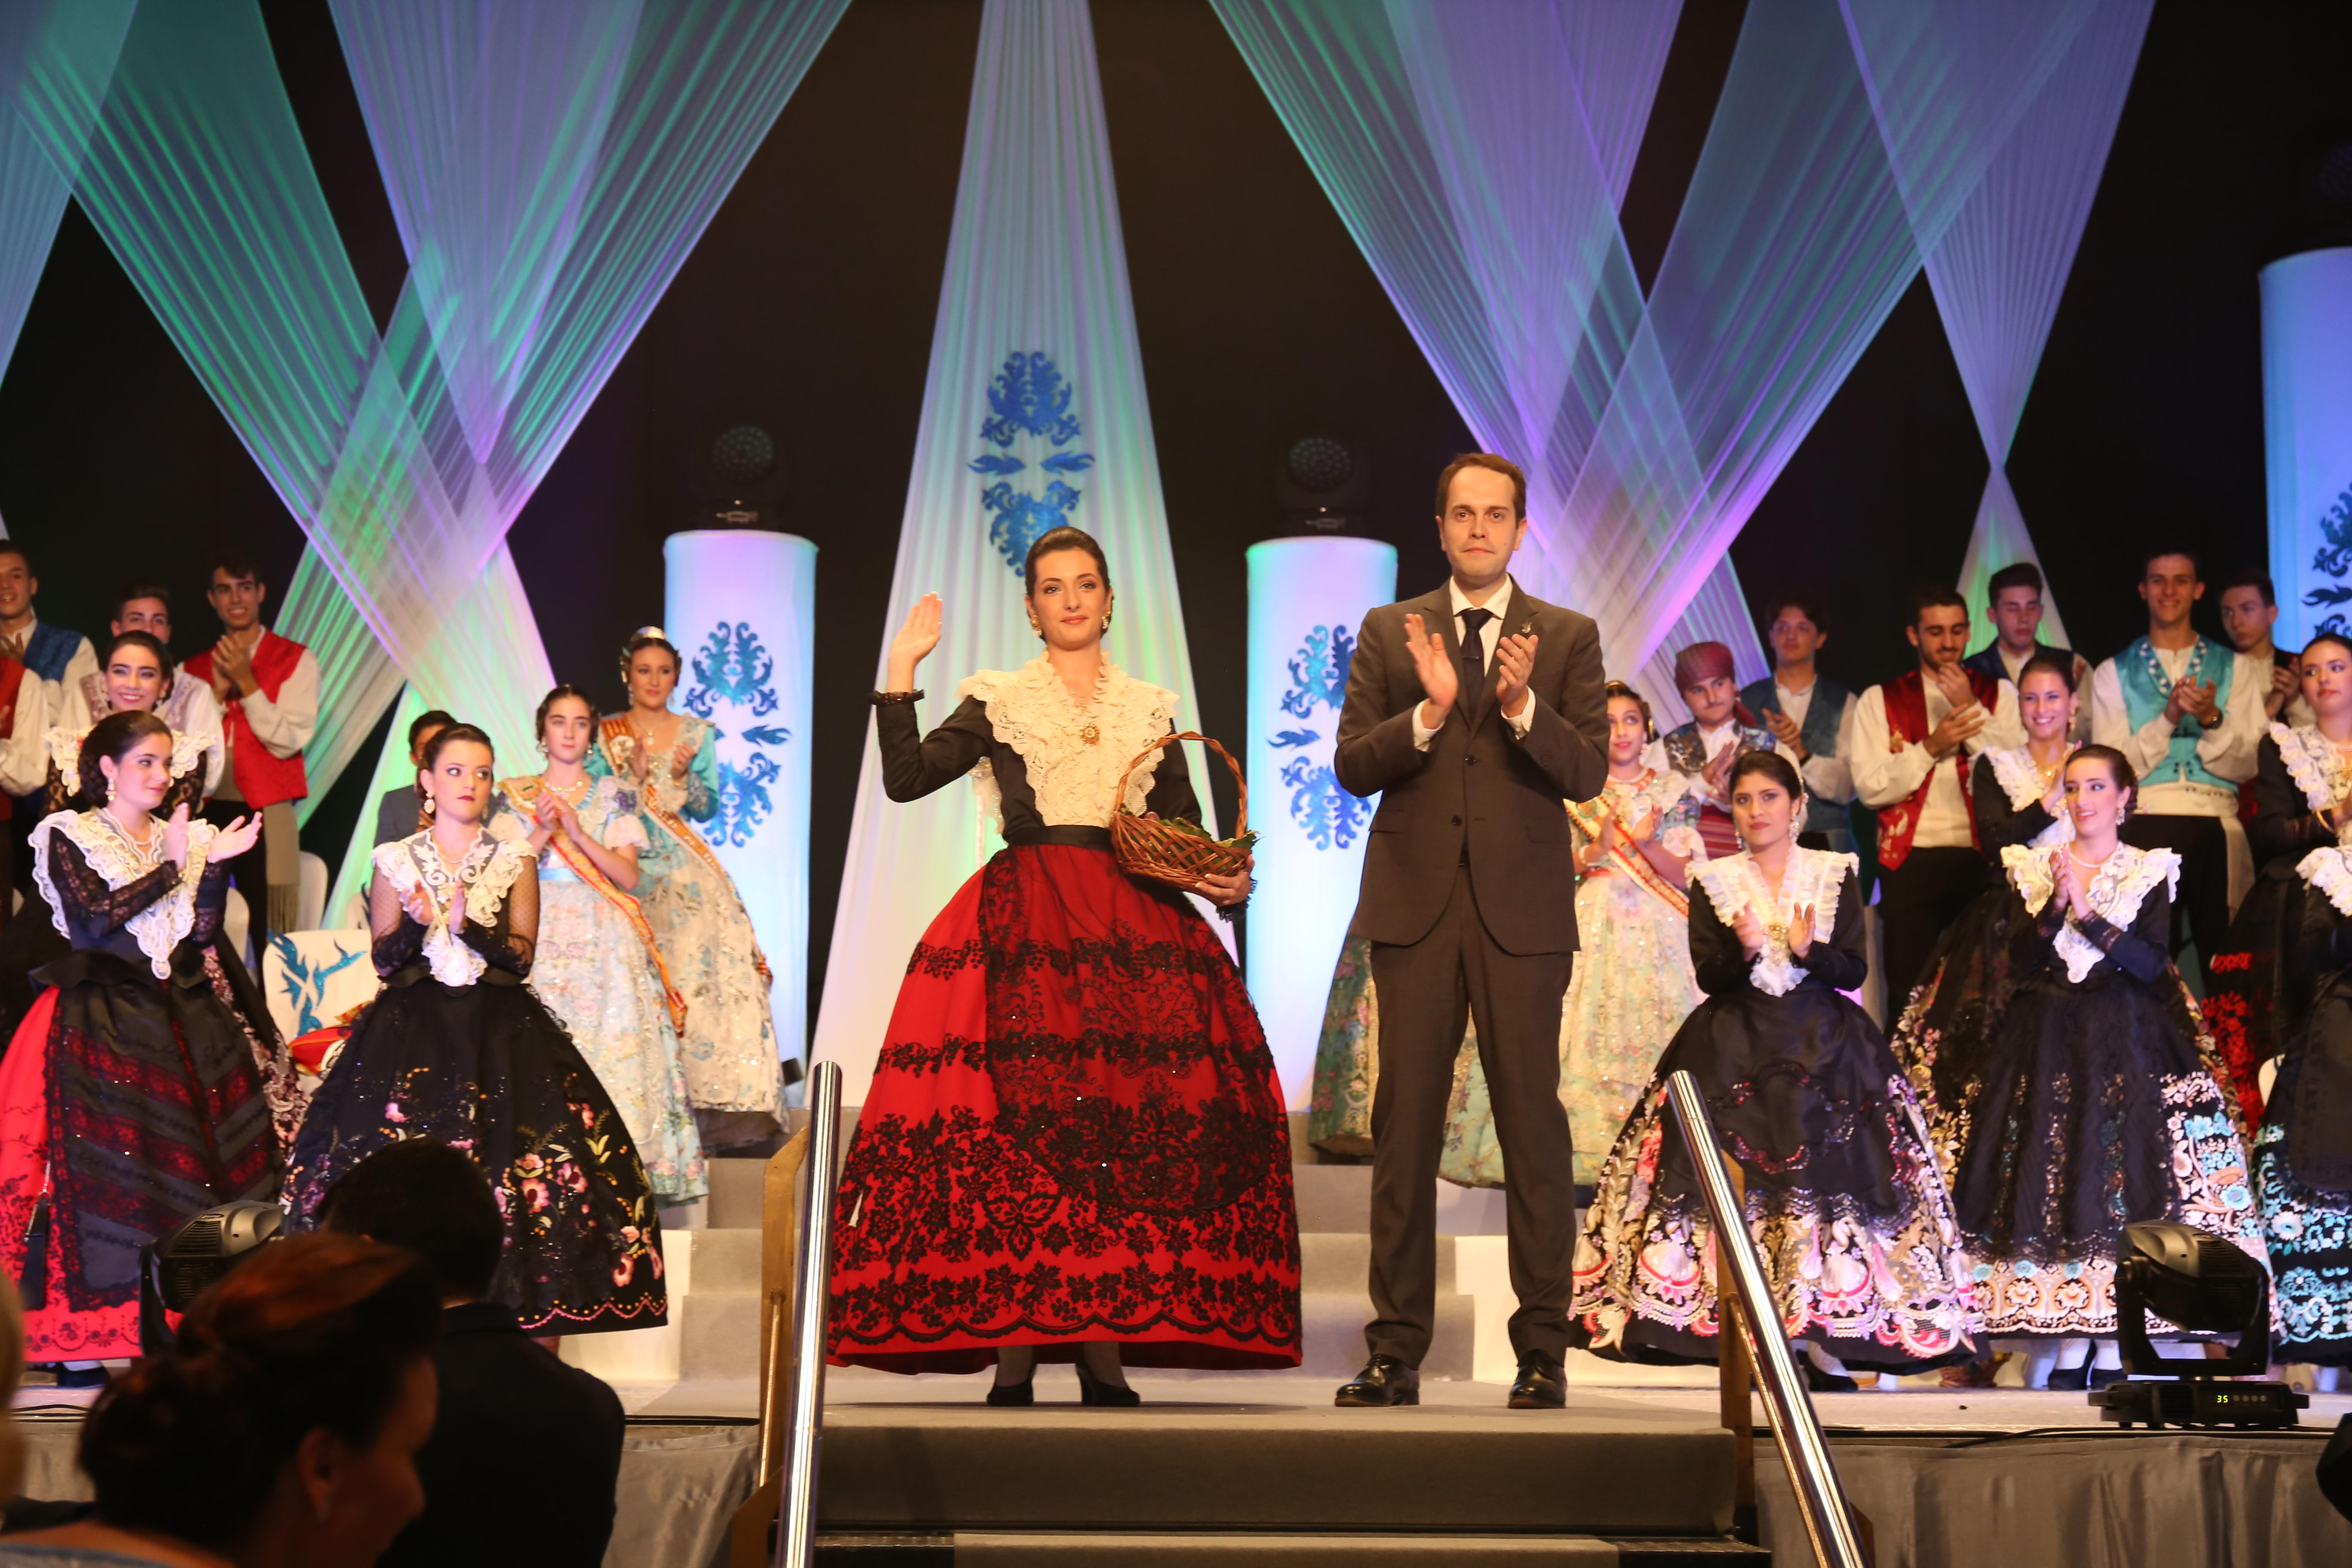 El pasado sábado, 29 de septiembre, el Teatro Liceo, con el aforo completo, acogió la esperada Presentación de la Reina de la XLV Fiesta de la Vendimia, Eva Pérez Vidal, y de su corte honor.